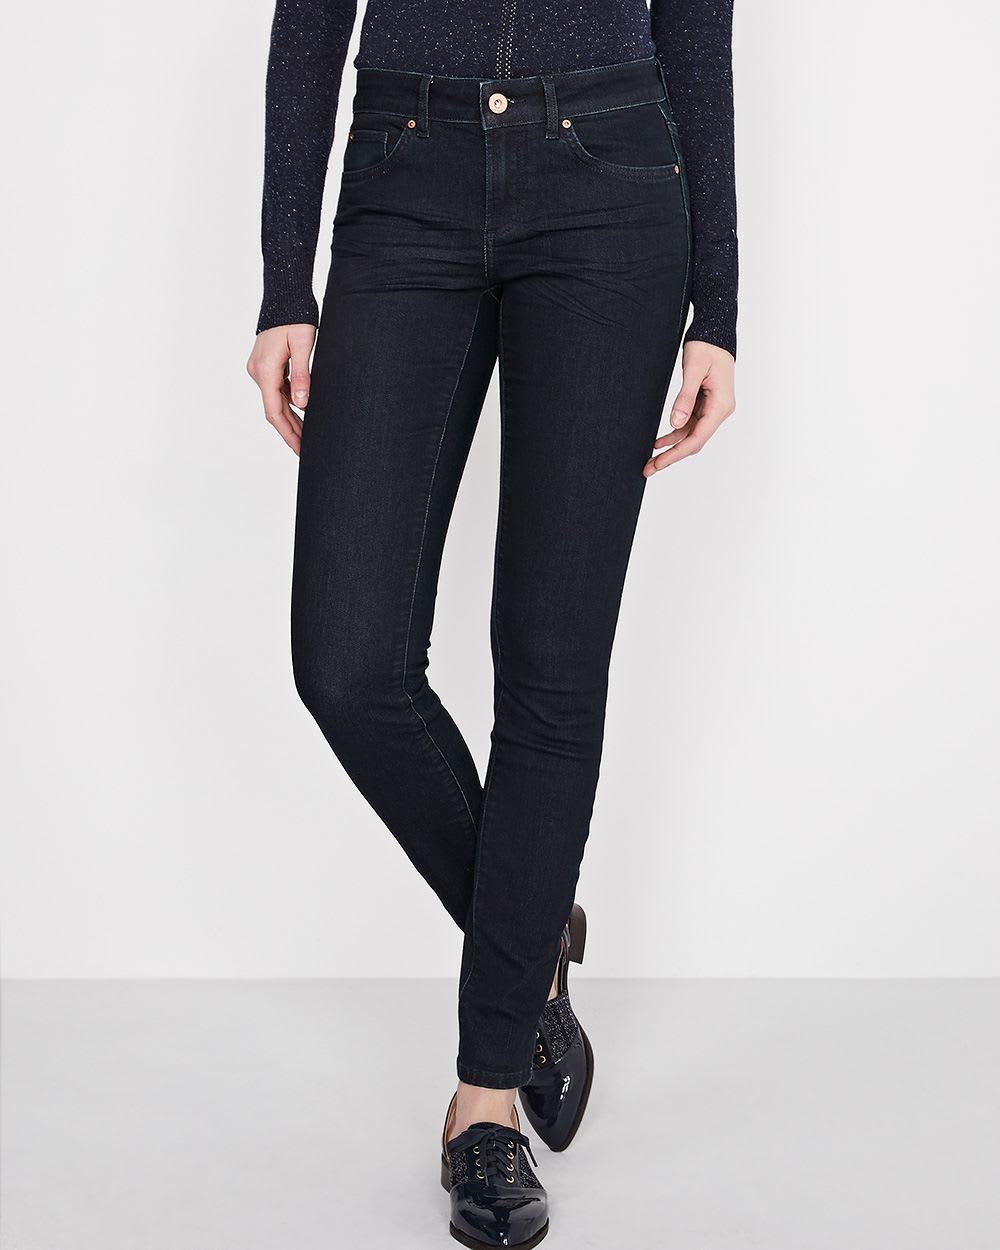 Skinny Jeans In Raw Denim Rw Co